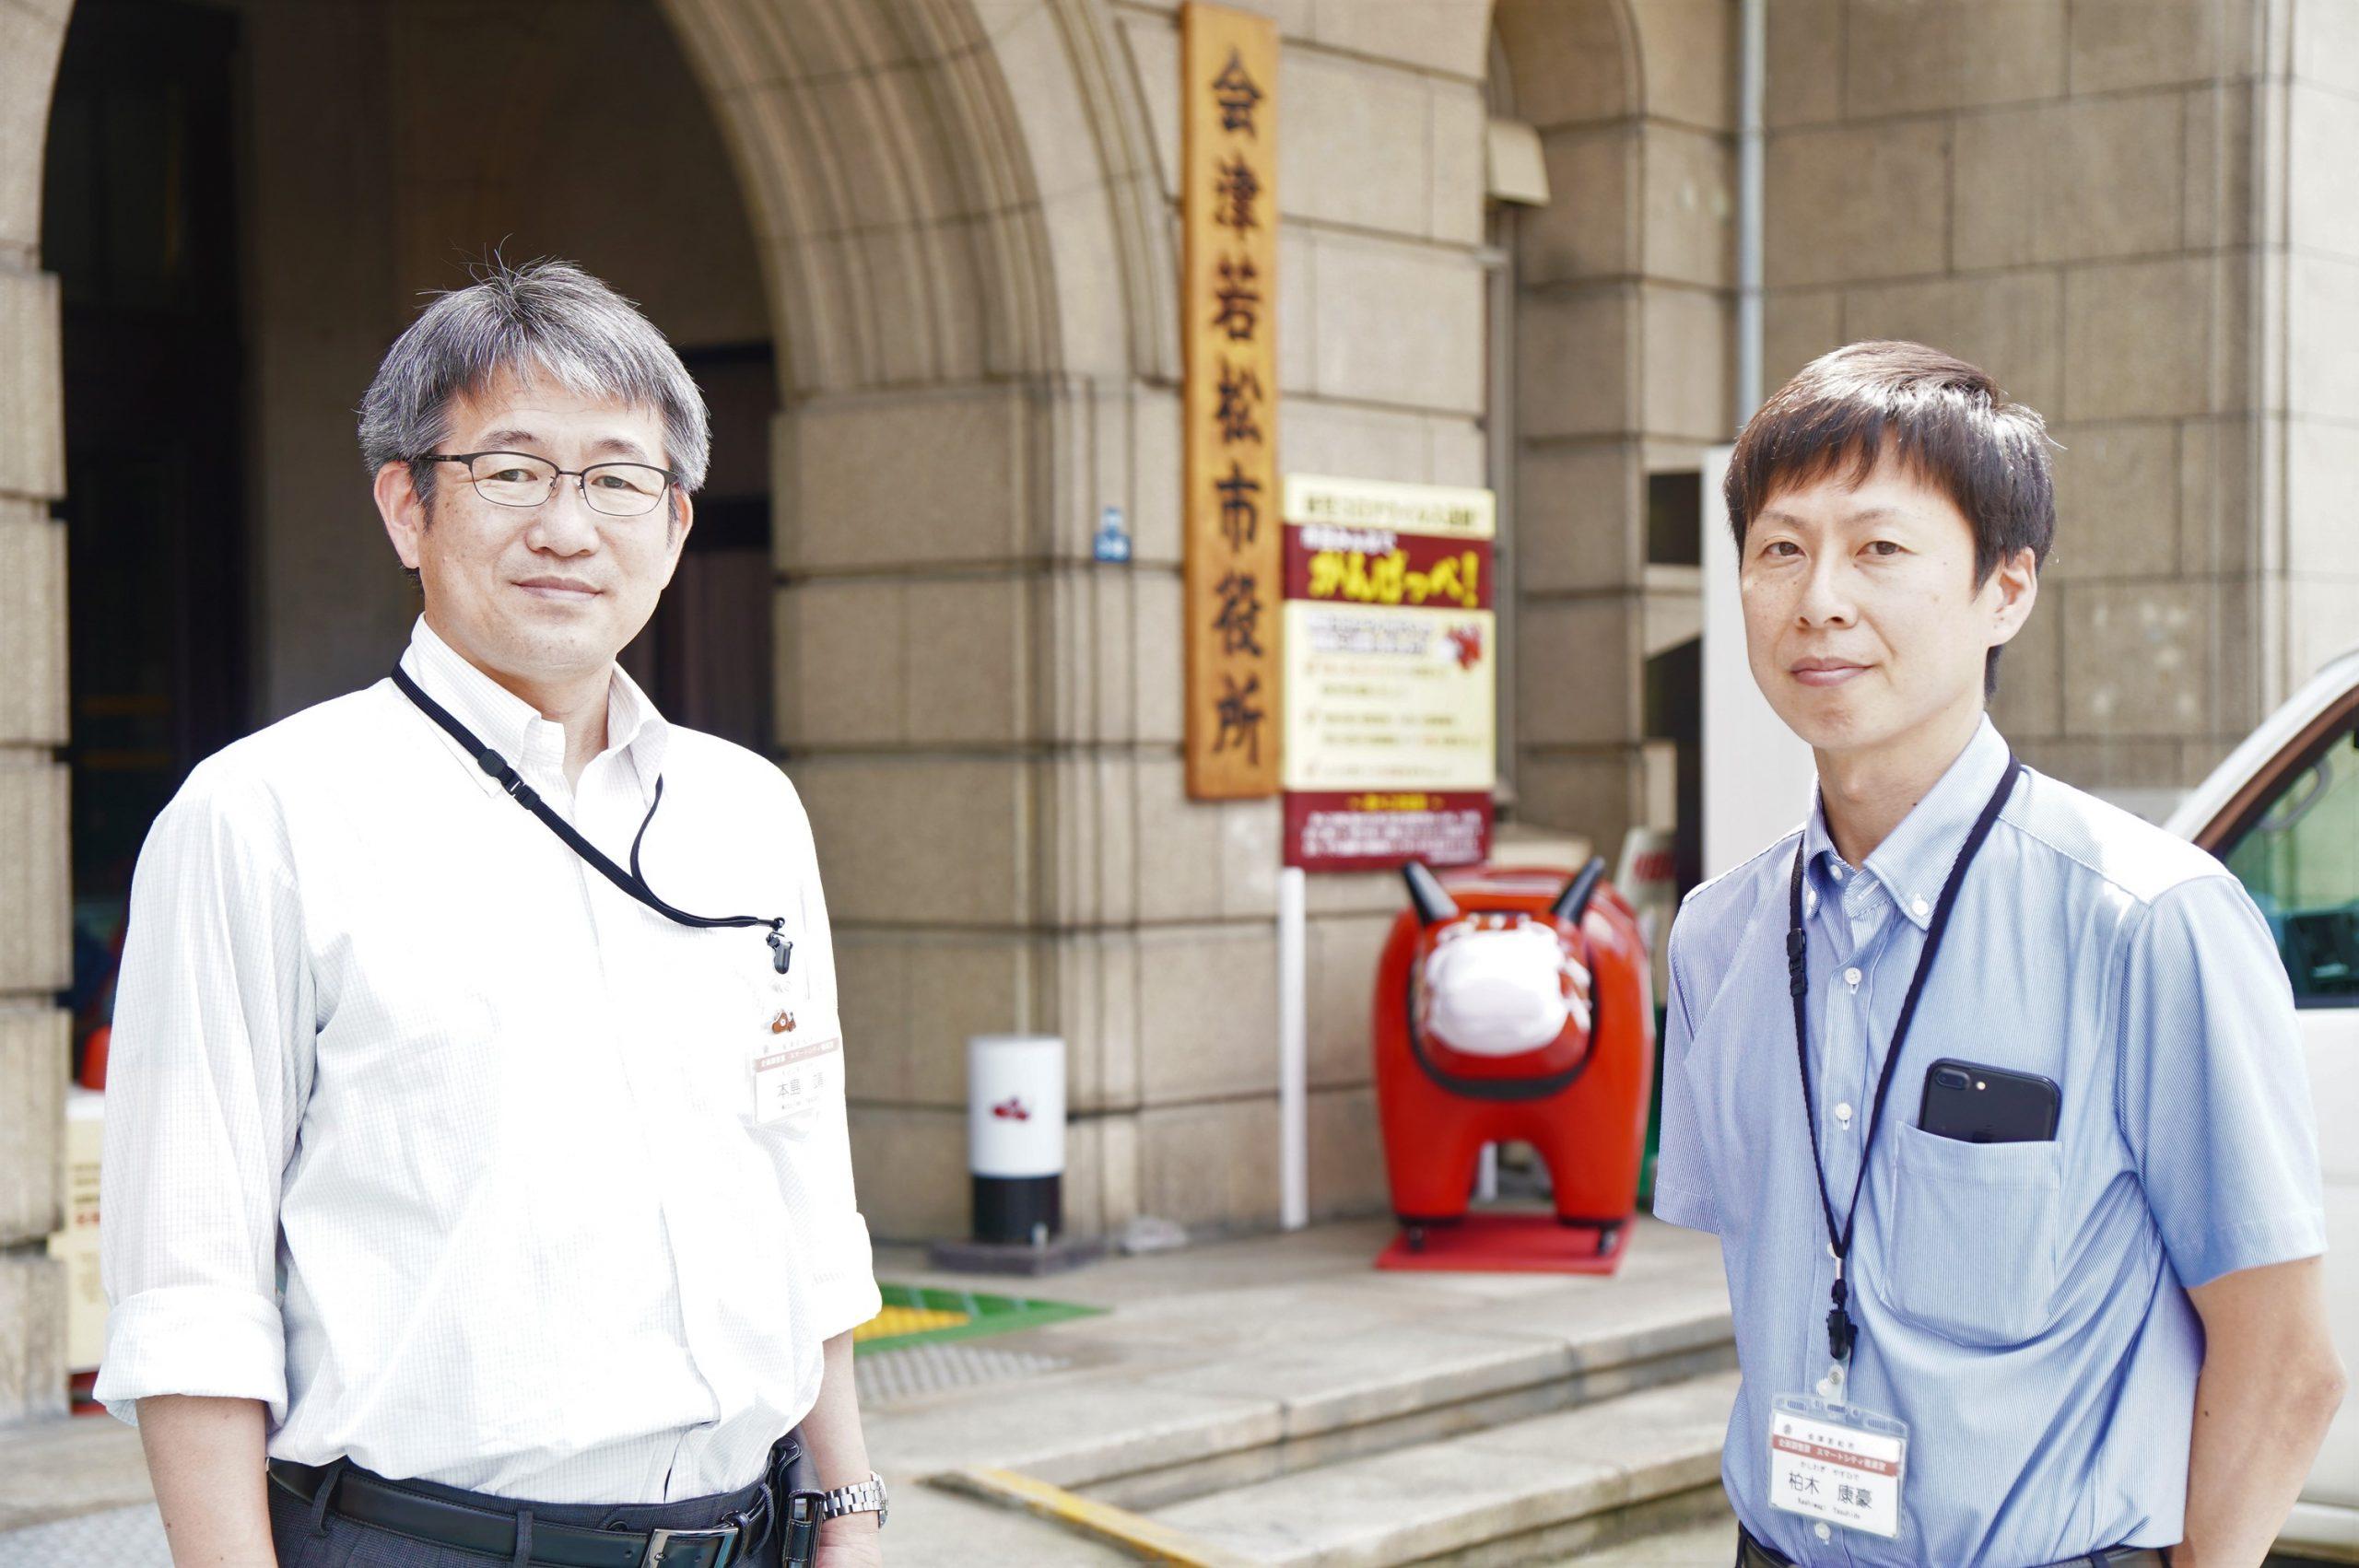 行政DXの実現―スーパーシティ構想に向けた会津若松市の挑戦―[インタビュー]